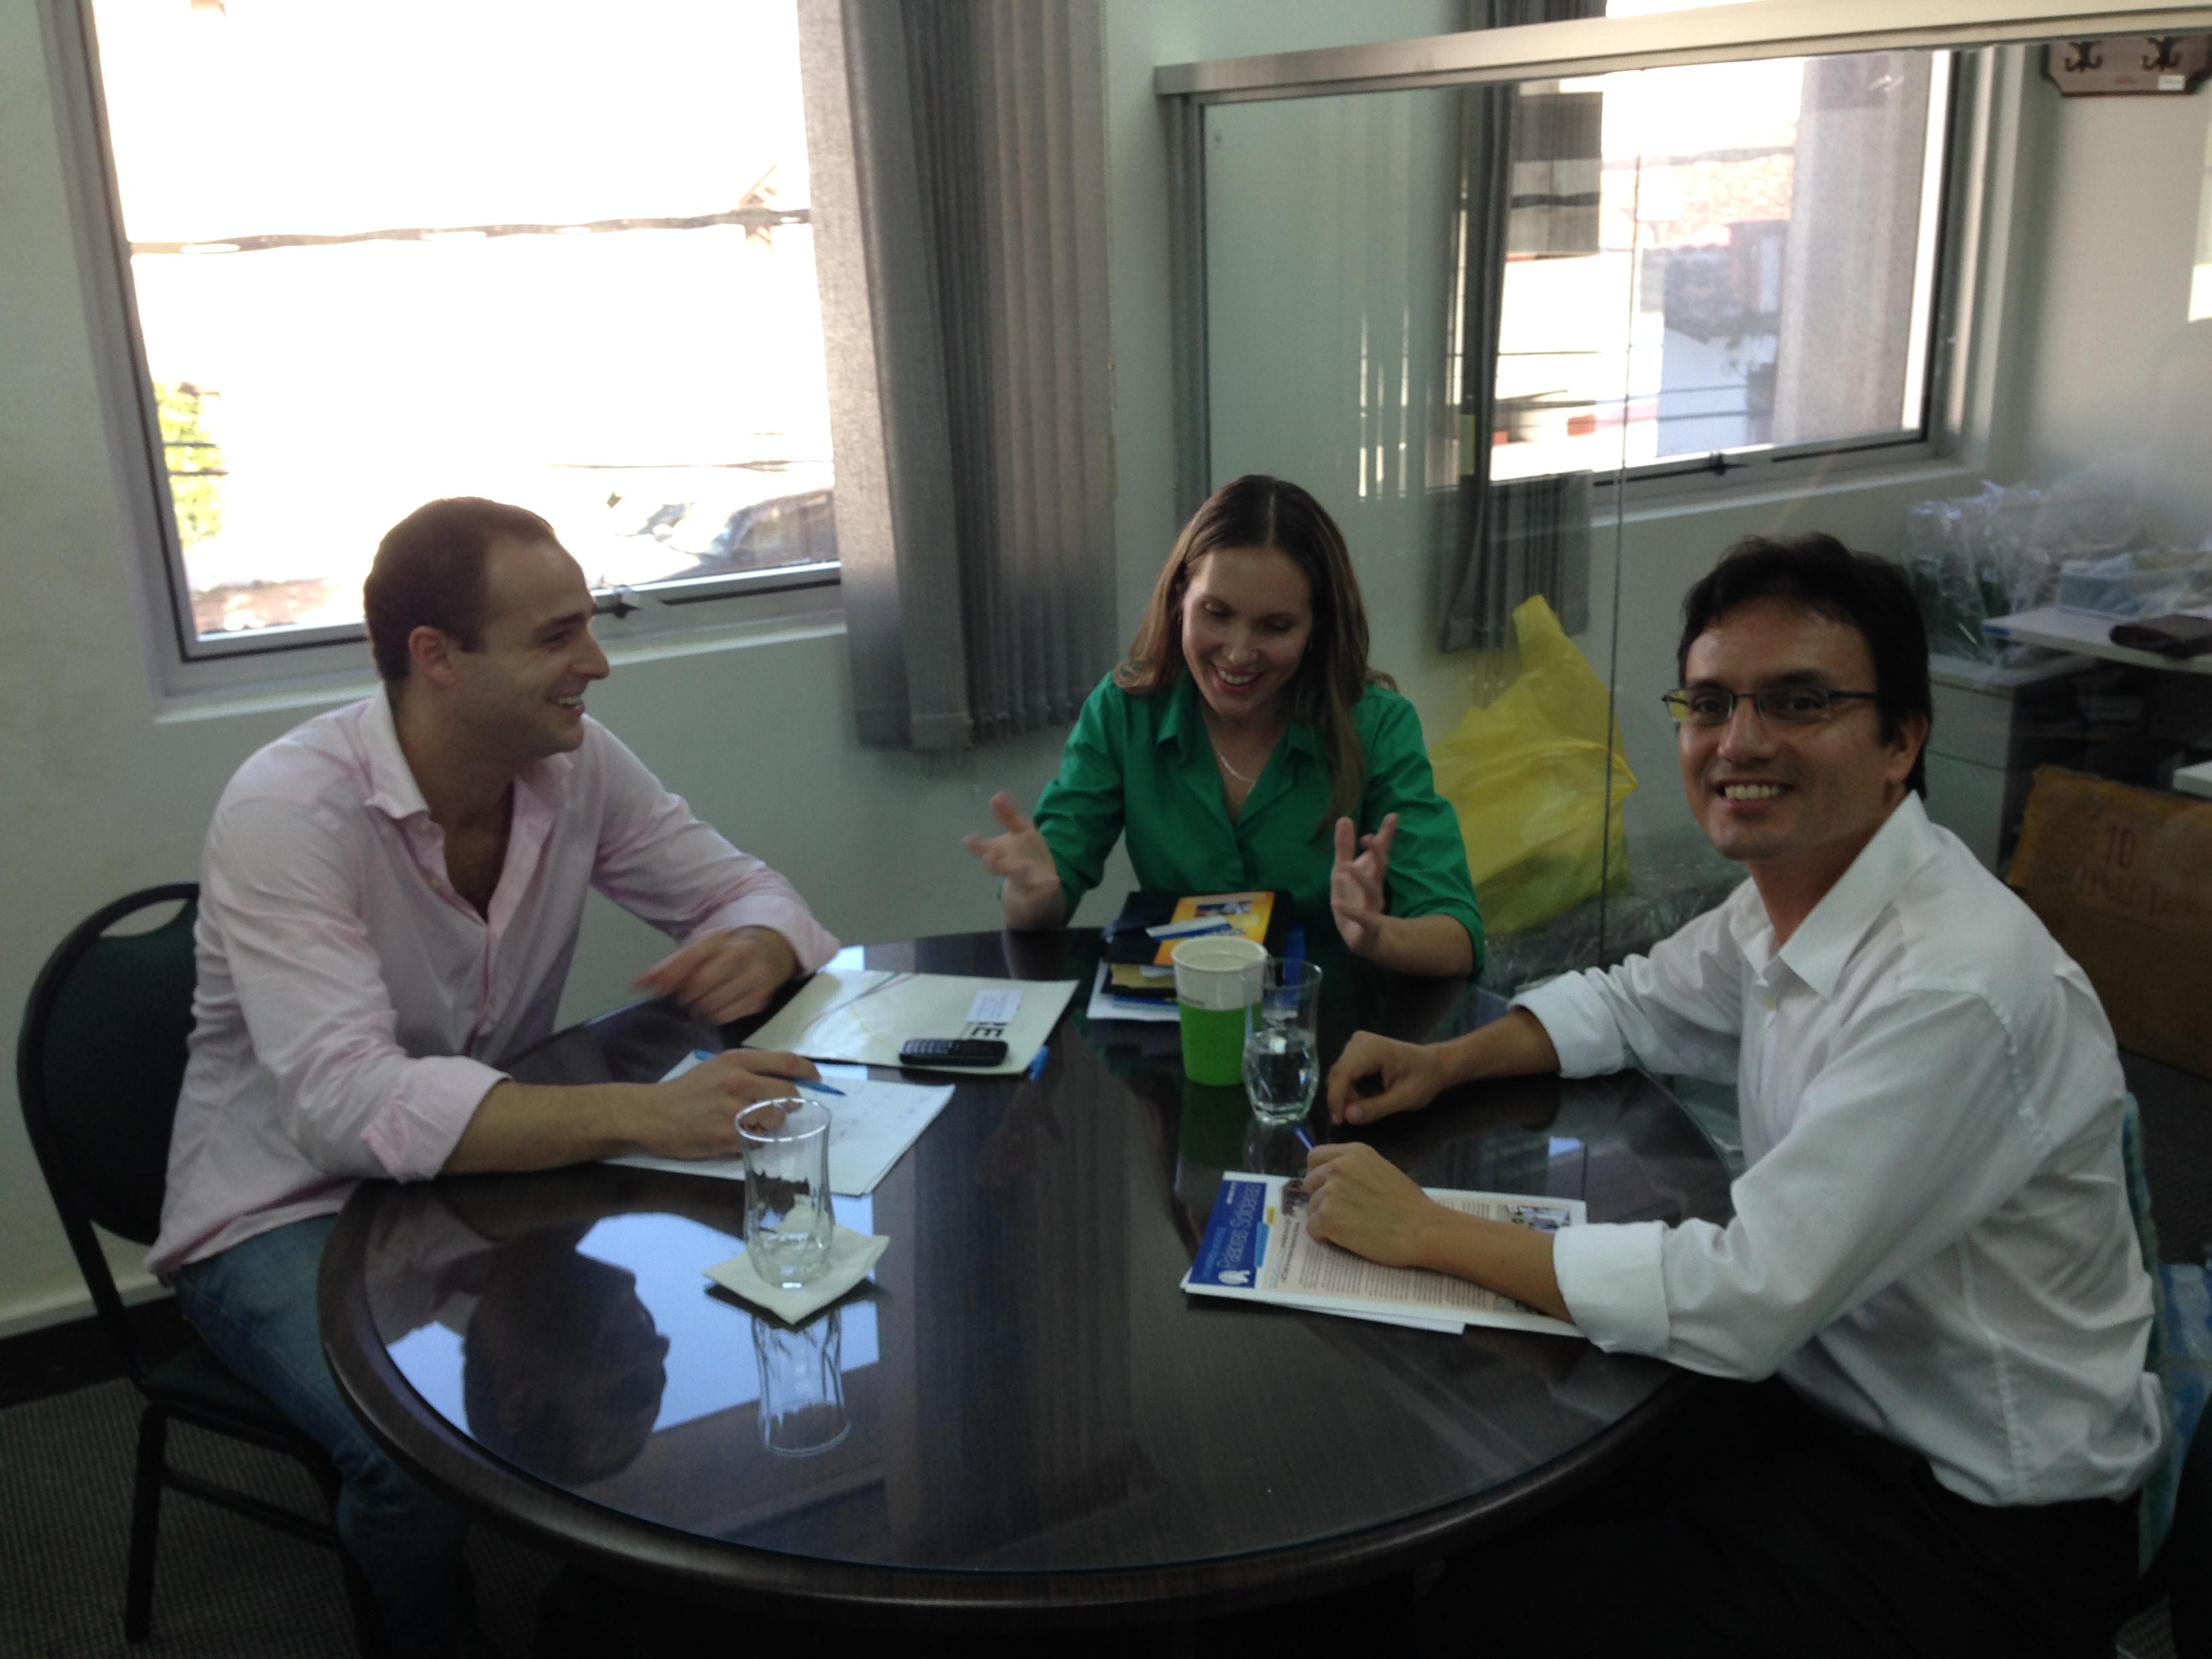 Con Maria Reneé Hurtado (Jefe de Responsabilidad Social Empresarial) y Yuri Justiniano Ballón (Jefe de Control Comercial) de Banco Ganadero